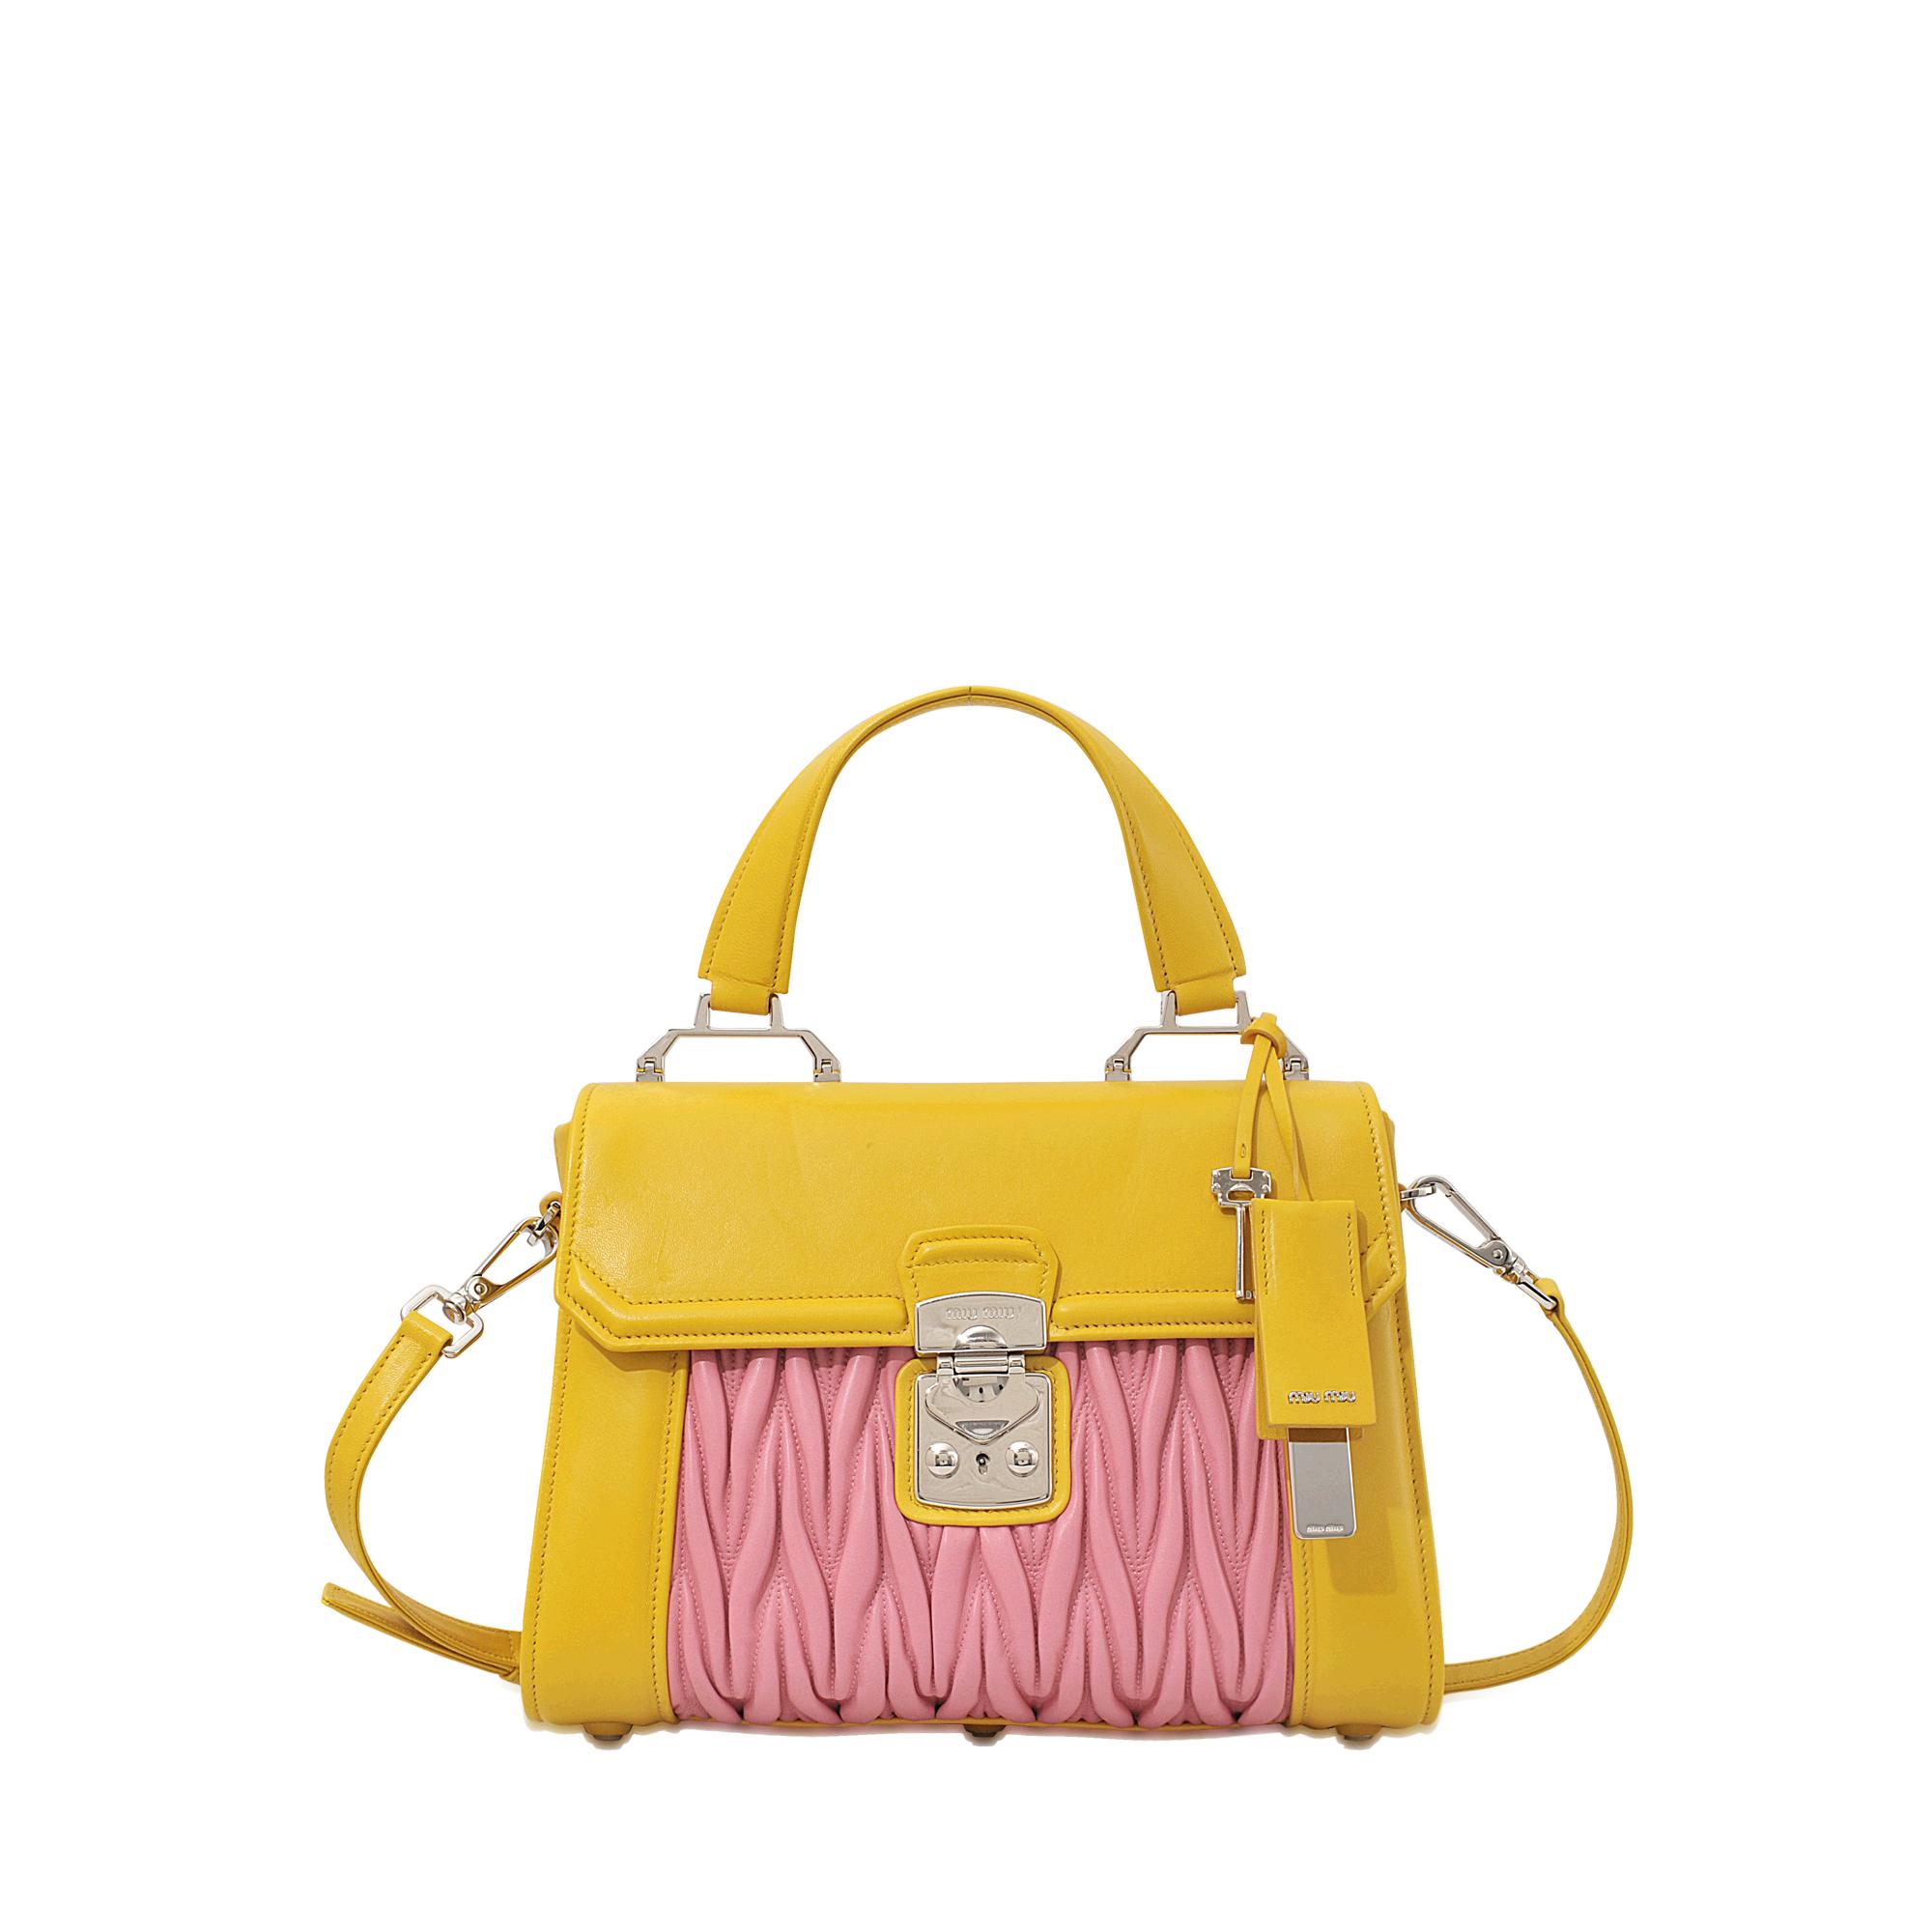 ccbc13eee3b8 miu miu online store - Miu miu Amiulet Matelass¨¦ Top Handle Bag in Pink